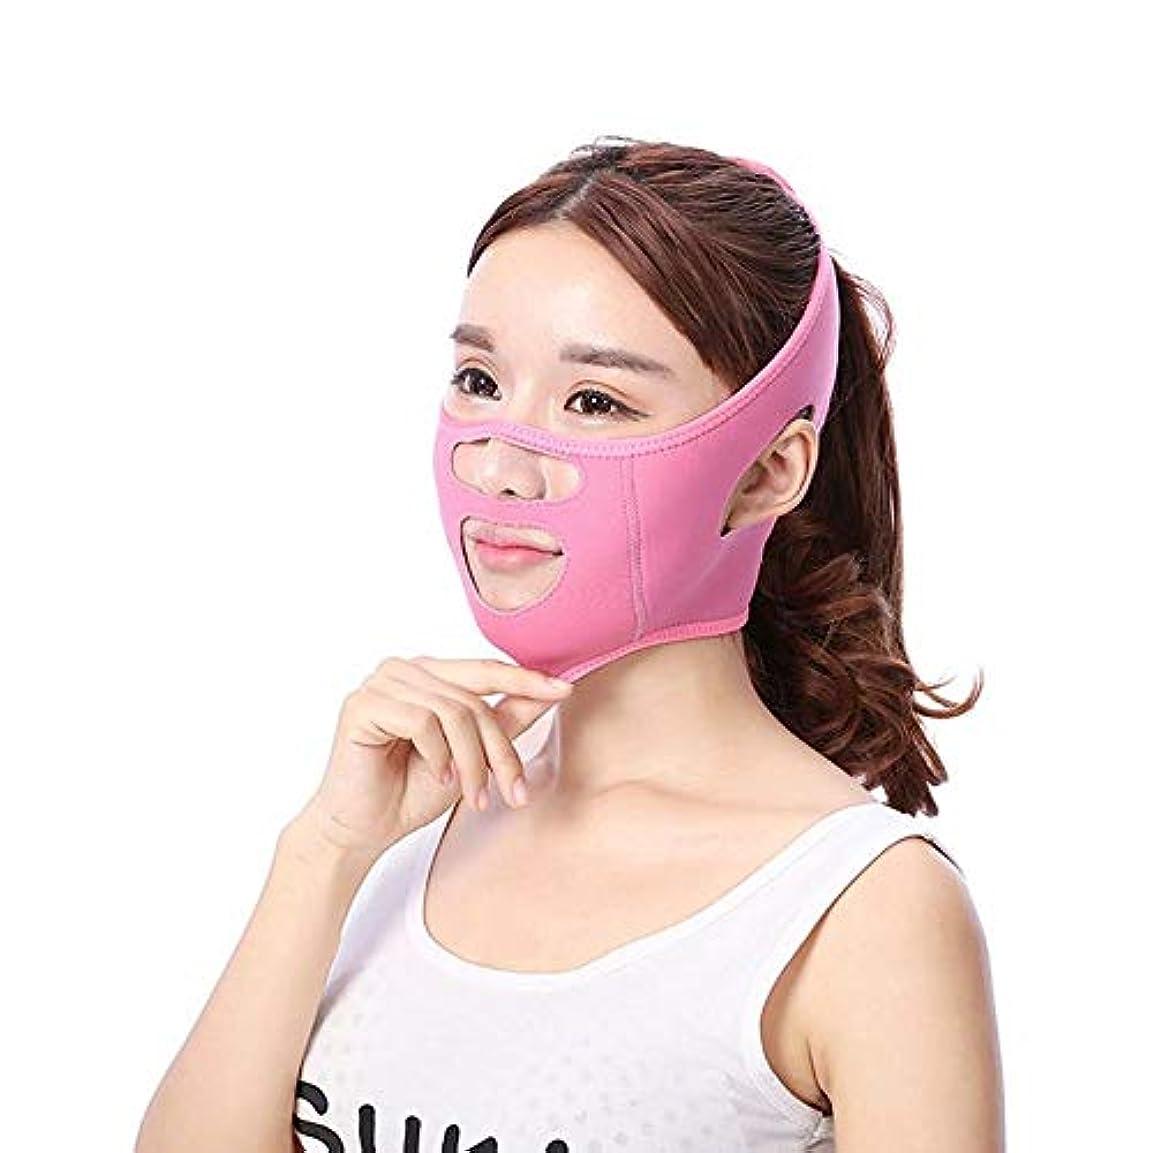 系譜斧バンカーGYZ シンフェイスアーティファクトリフティング引き締めフェイス睡眠包帯フェイシャルリフティングアンチ垂れ下がり法律パターンステッカー8ワード口角 - ピンク Thin Face Belt